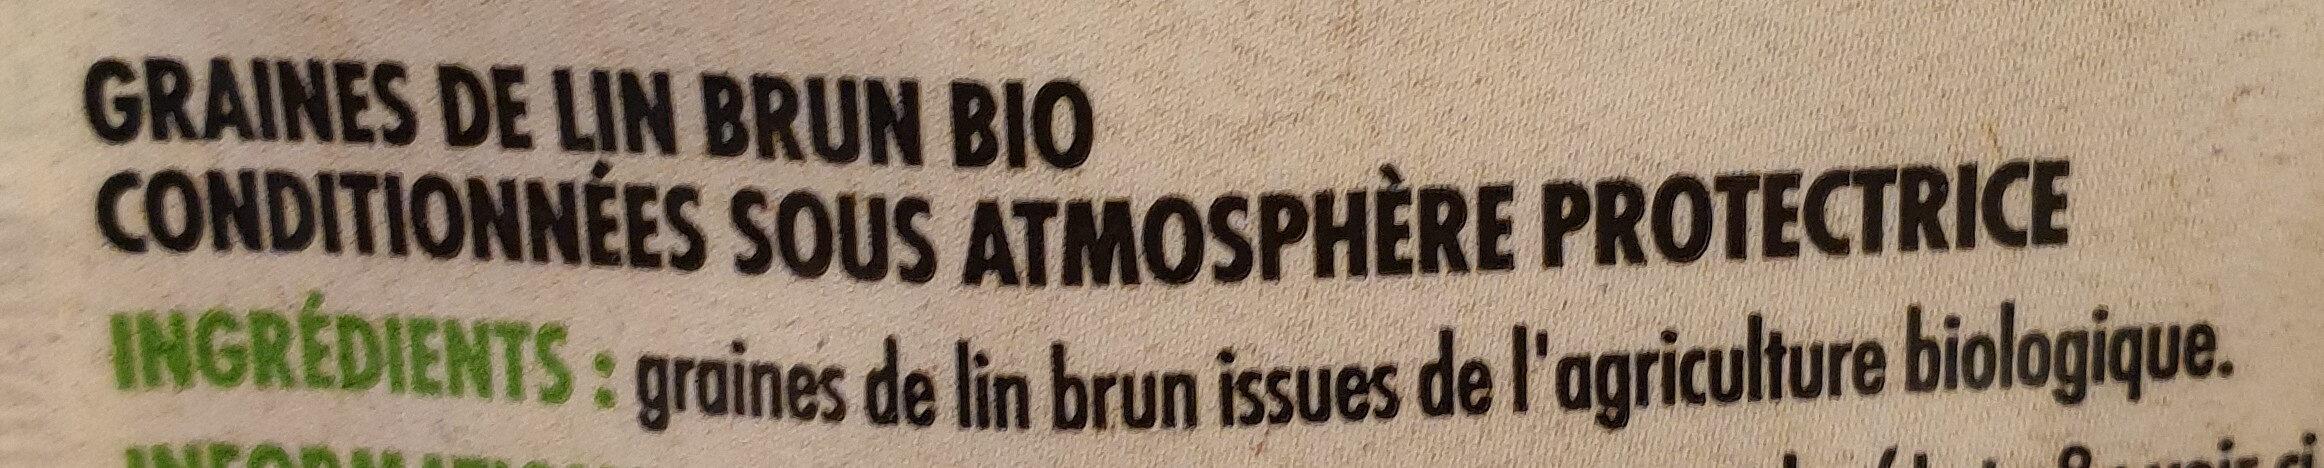 Graines de lin brun bio - Ingrédients - fr